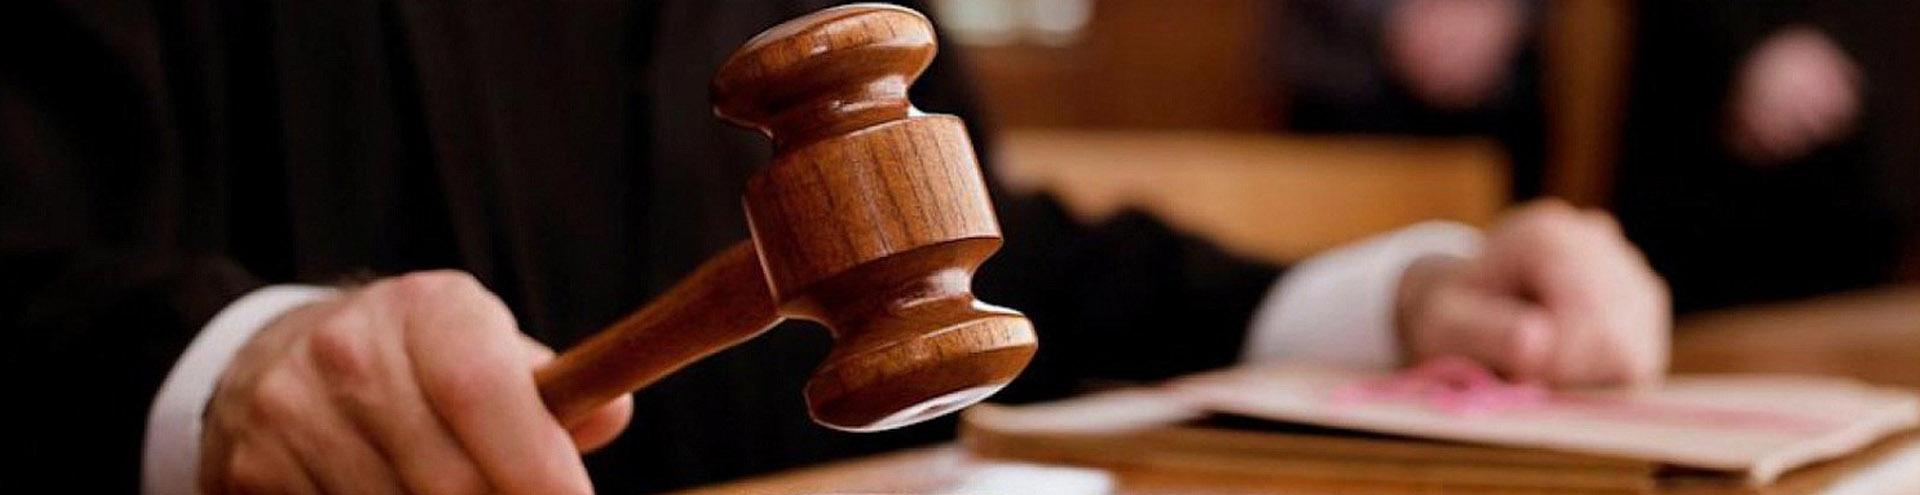 арбитражные споры в Астрахани